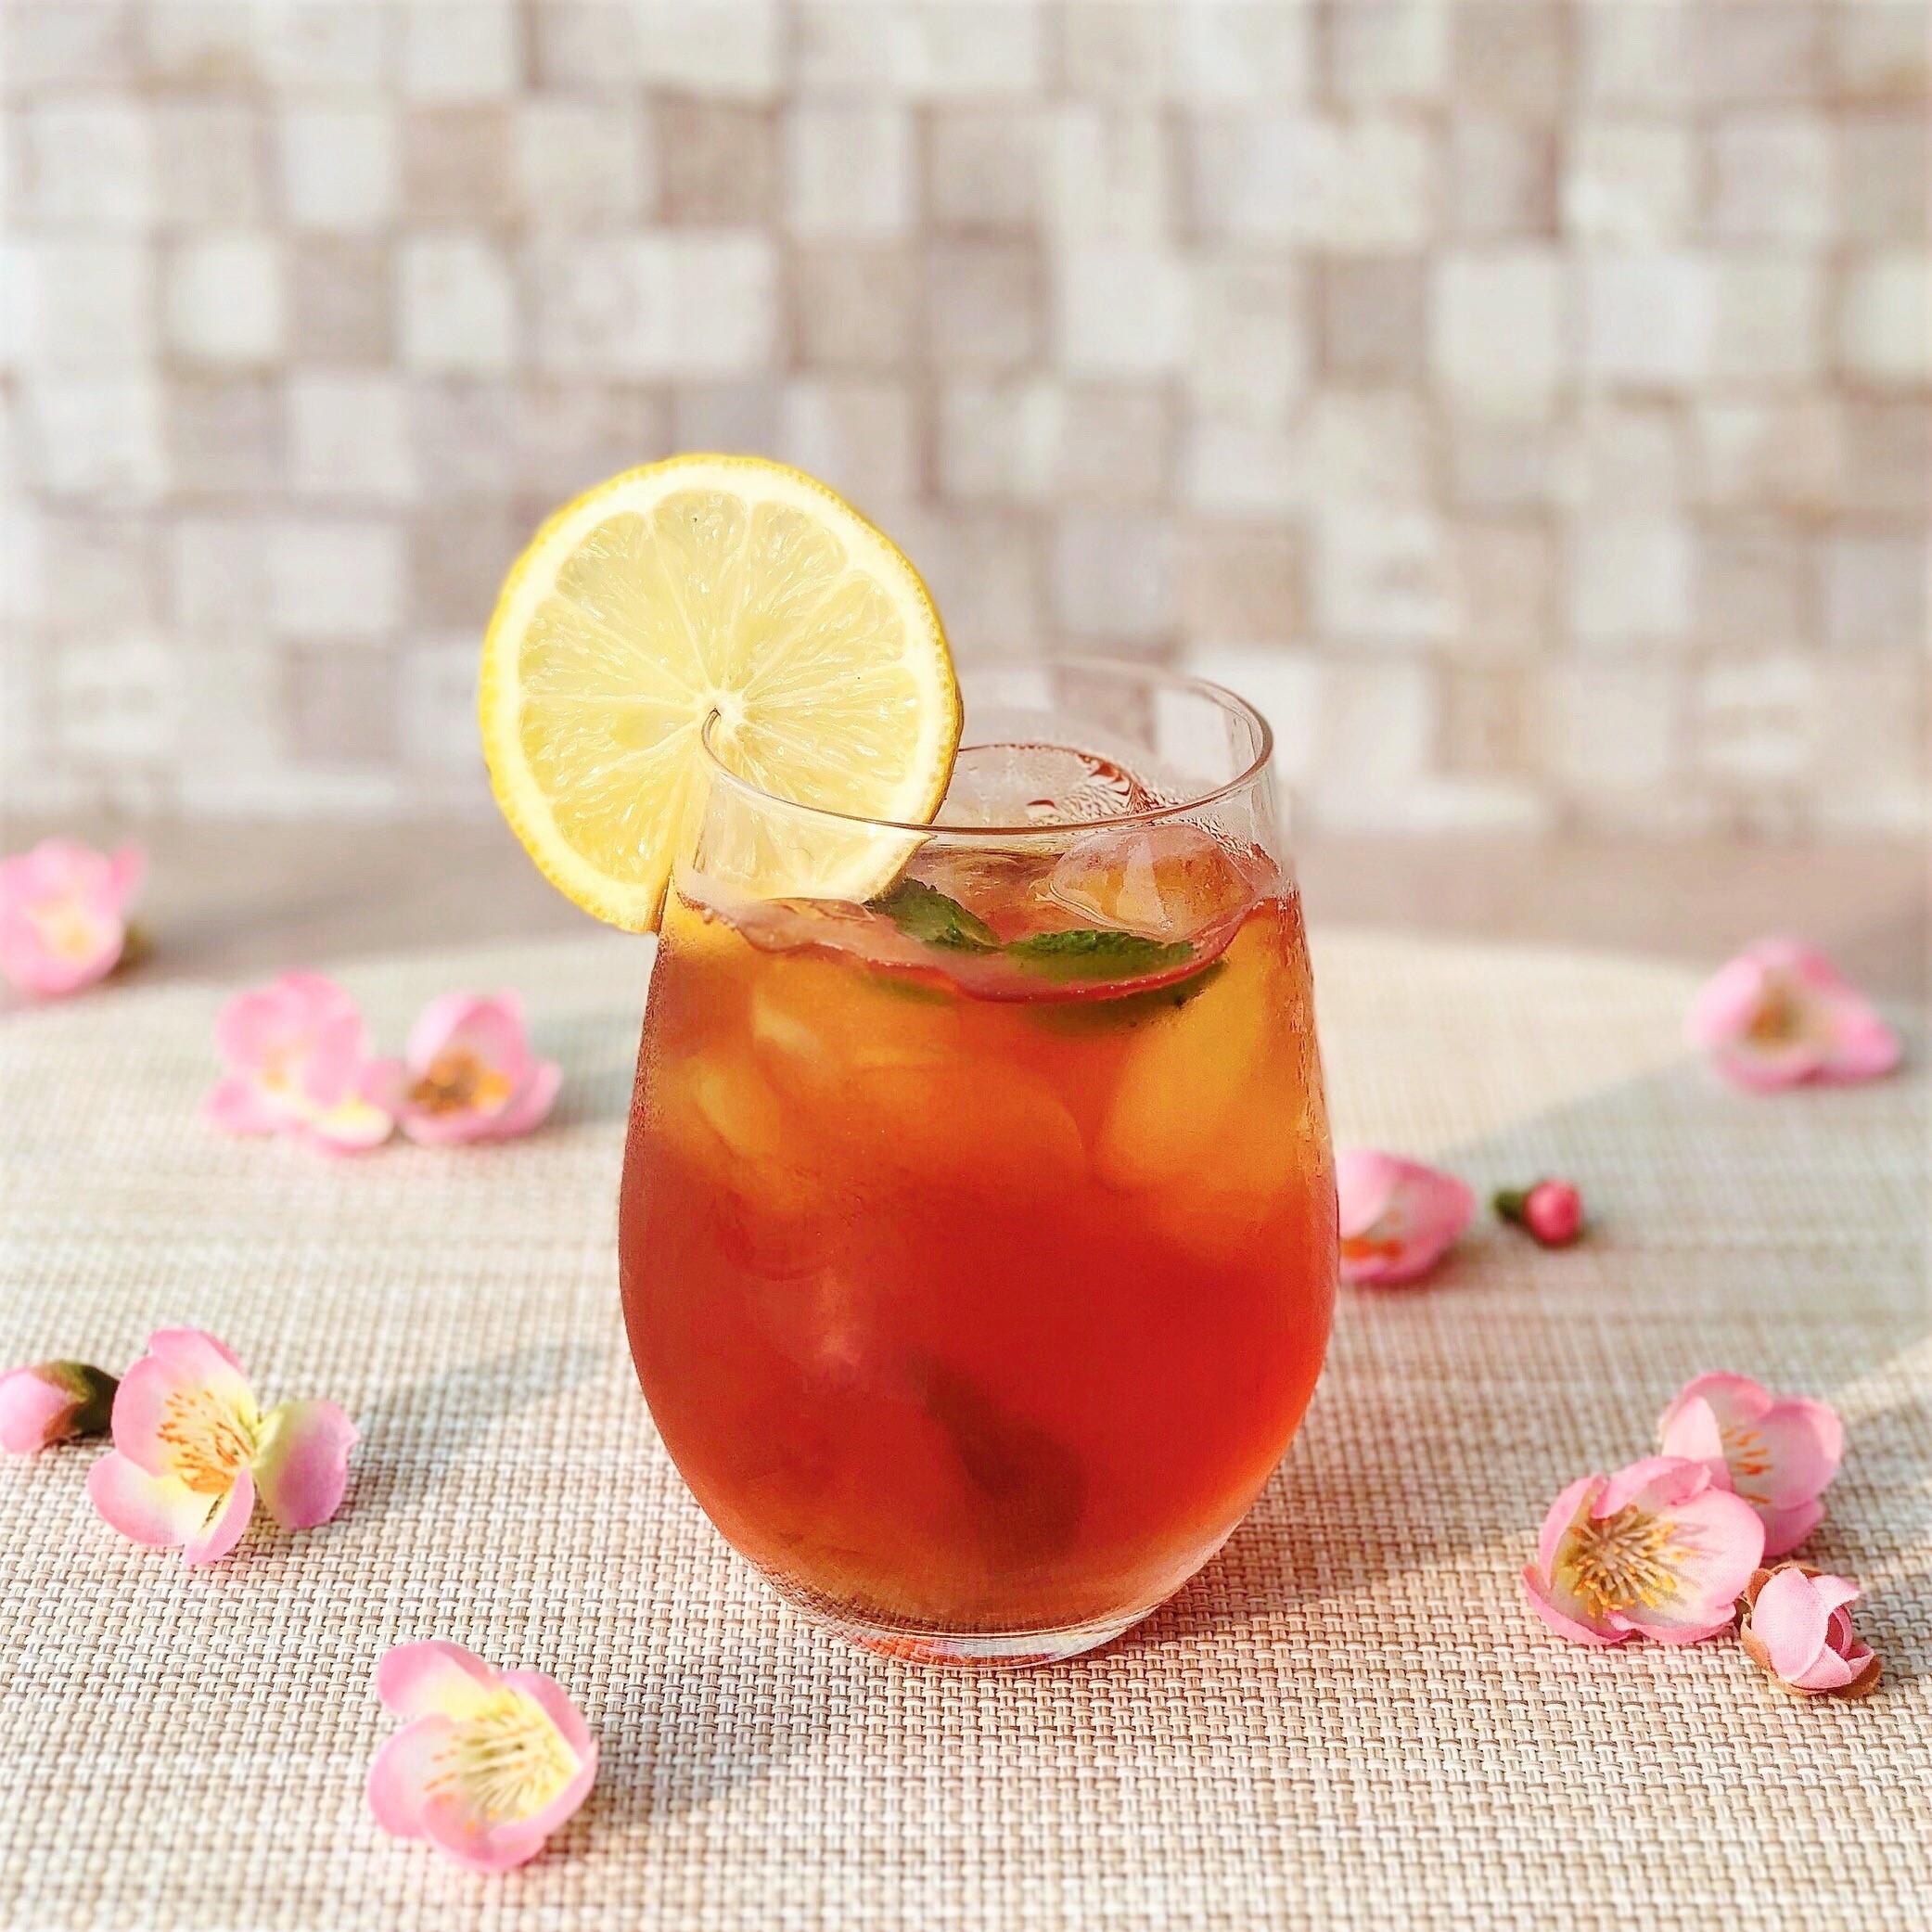 【レシピつき】おうち時間に、おいしく簡単なフルーツティーなんていかが? 『リプトン』の「My in Tea」を楽しんでみよう♡_1